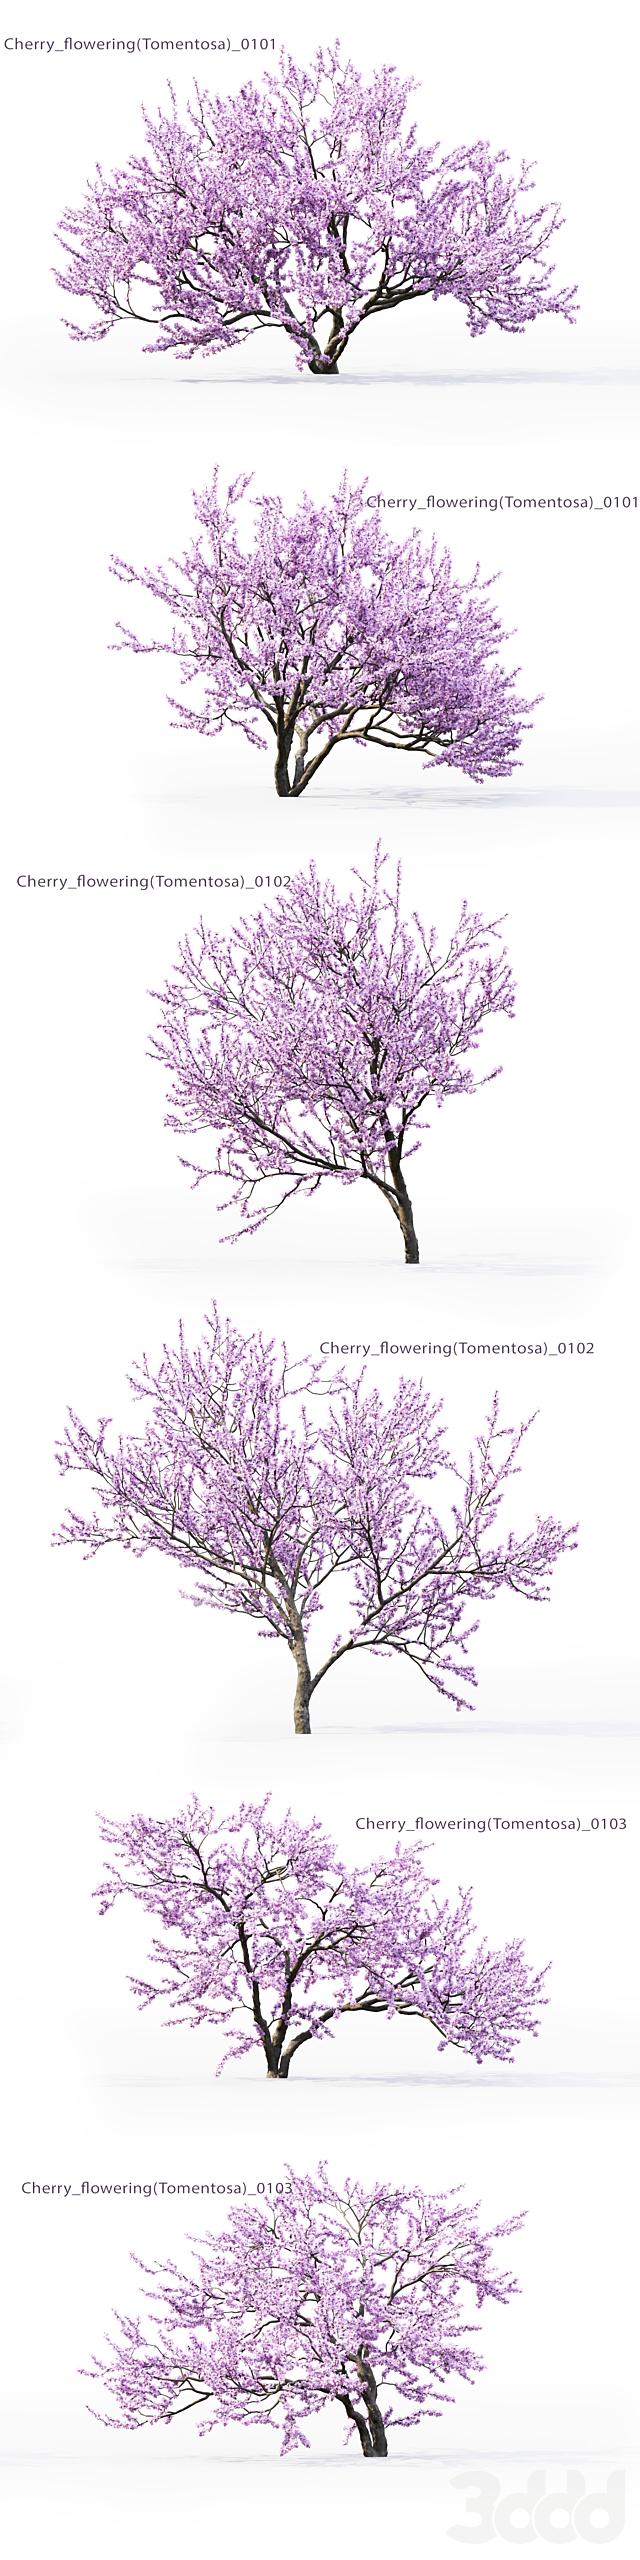 Prunus tomentosa   Cherry flowering bush #1